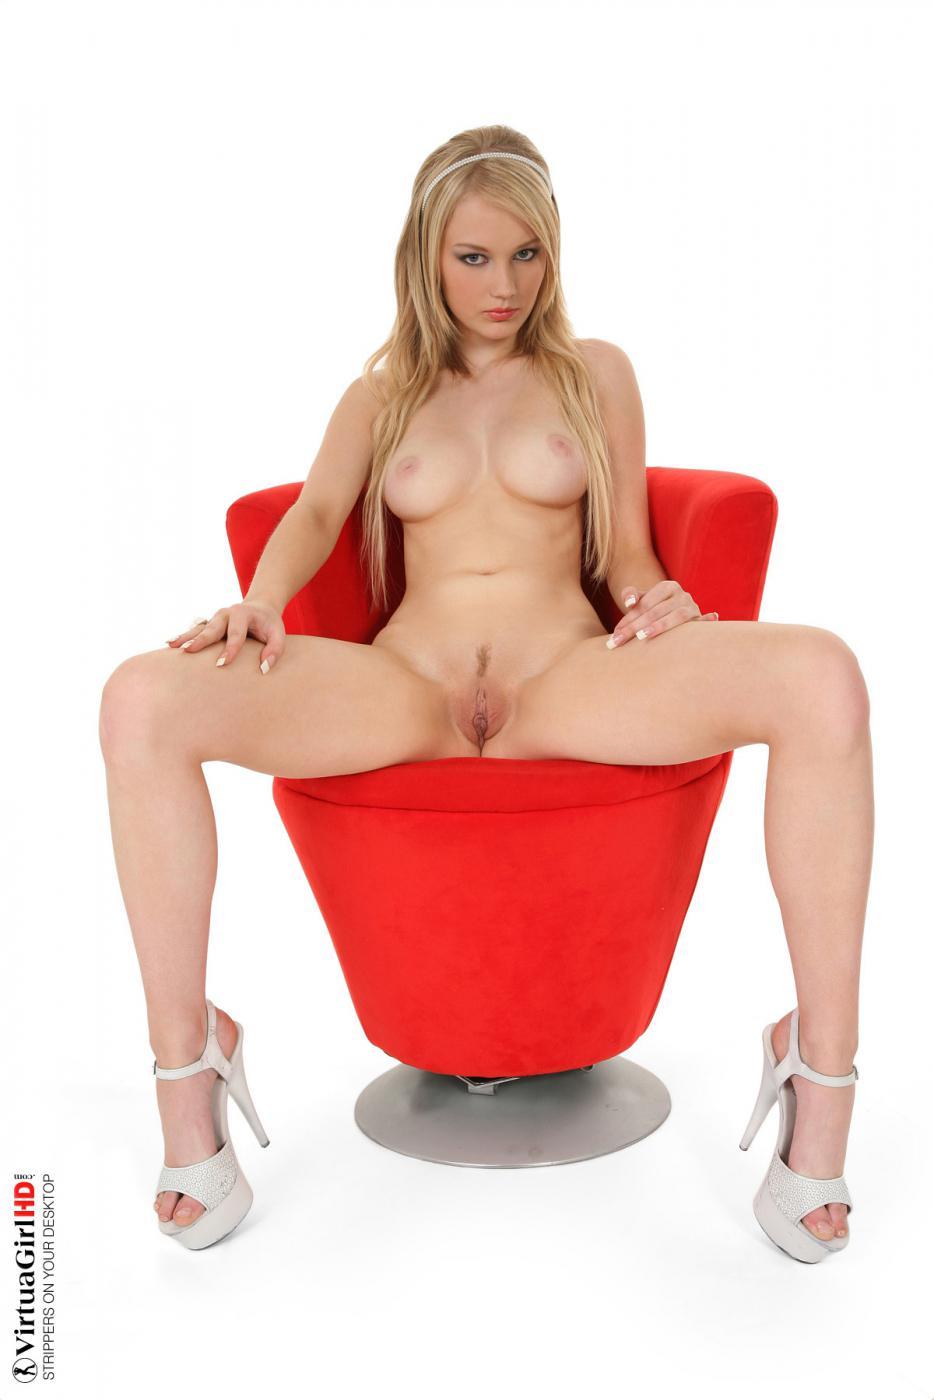 Похотливая блондинка Lynne Twistys раздевается и позирует в красном кресле